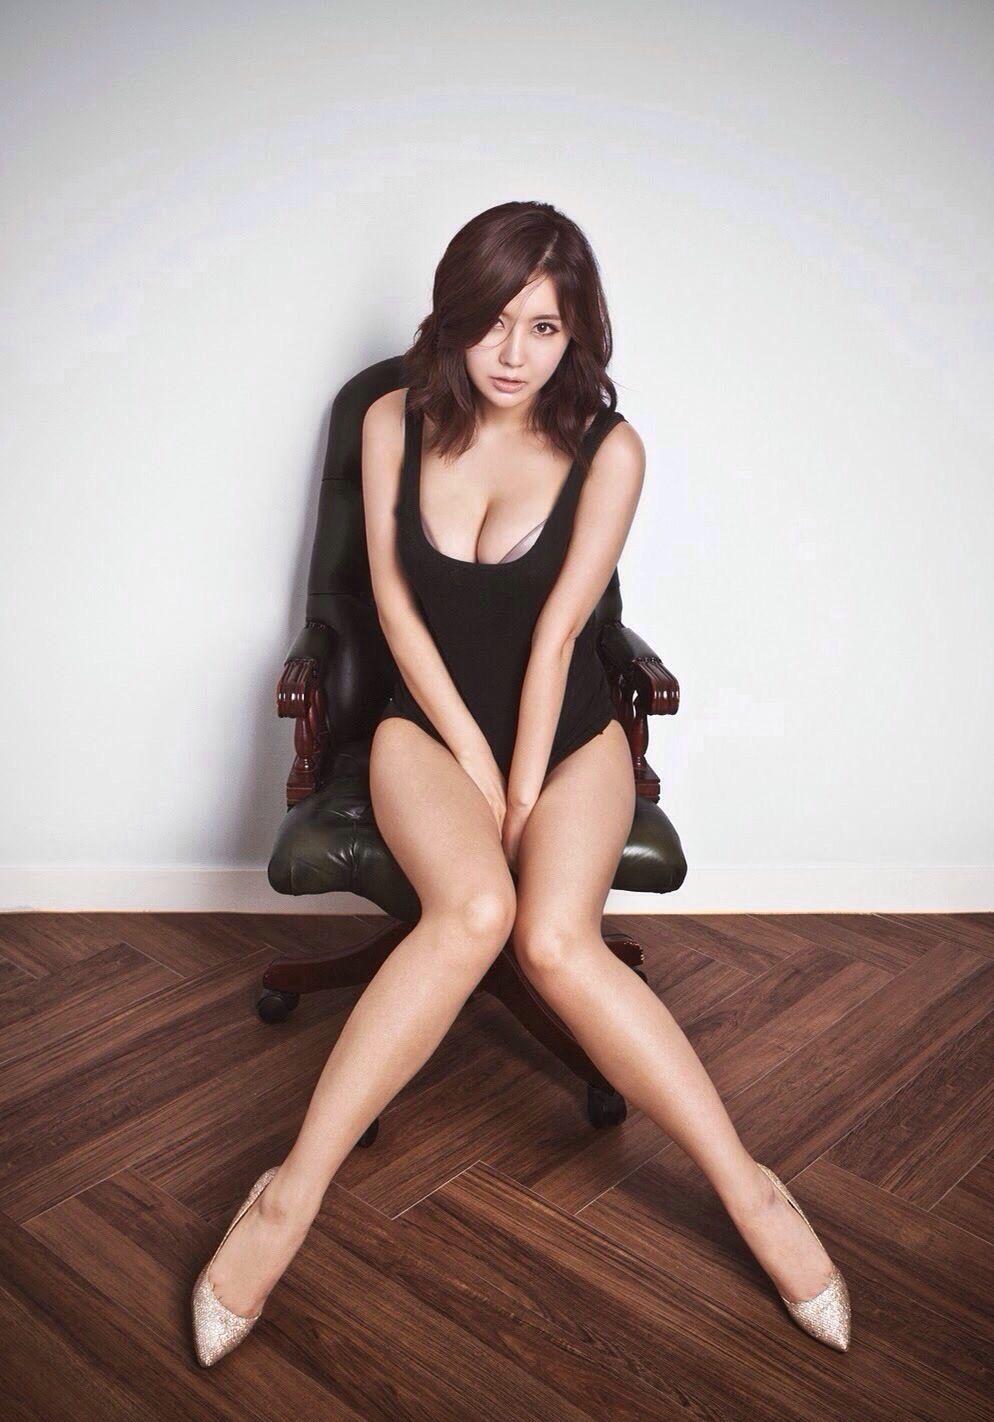 hand Asian between legs girls